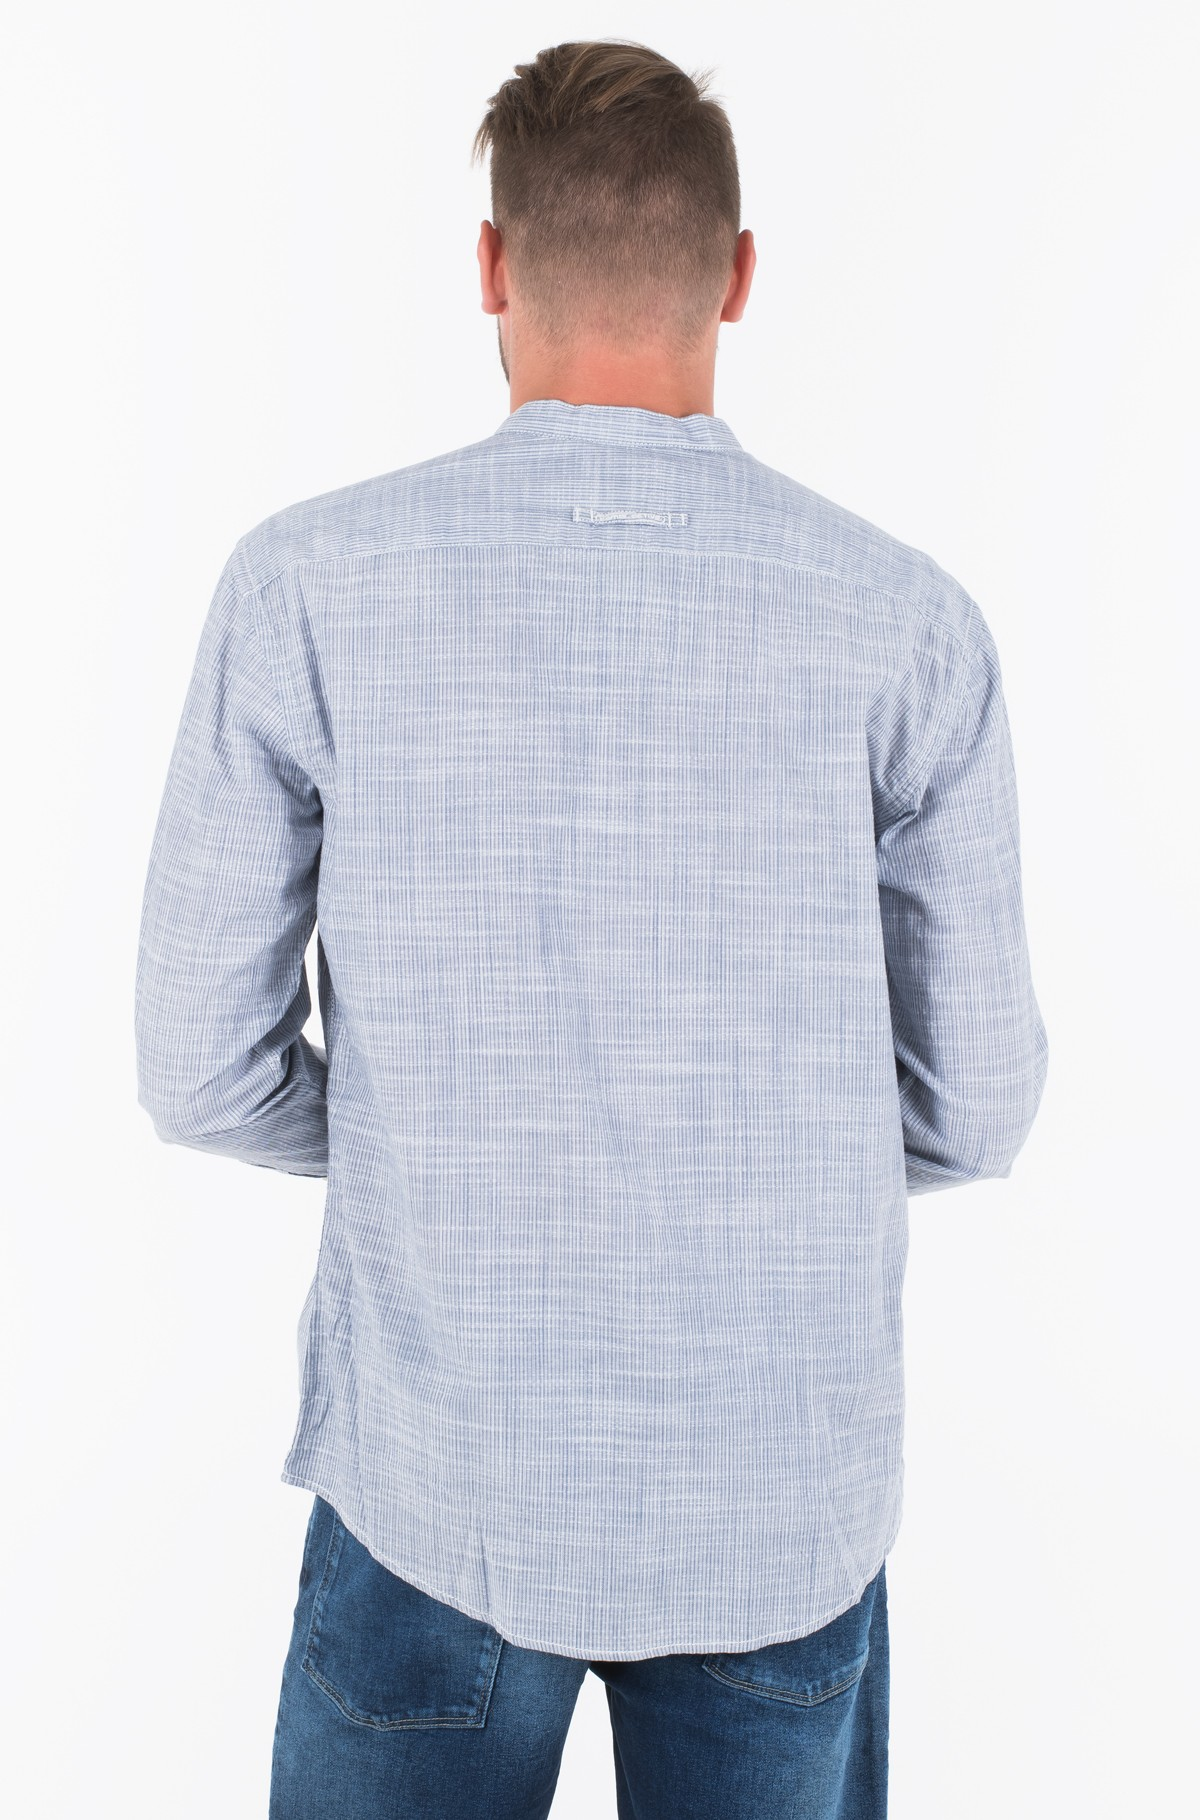 Marškiniai 31.115410-full-2